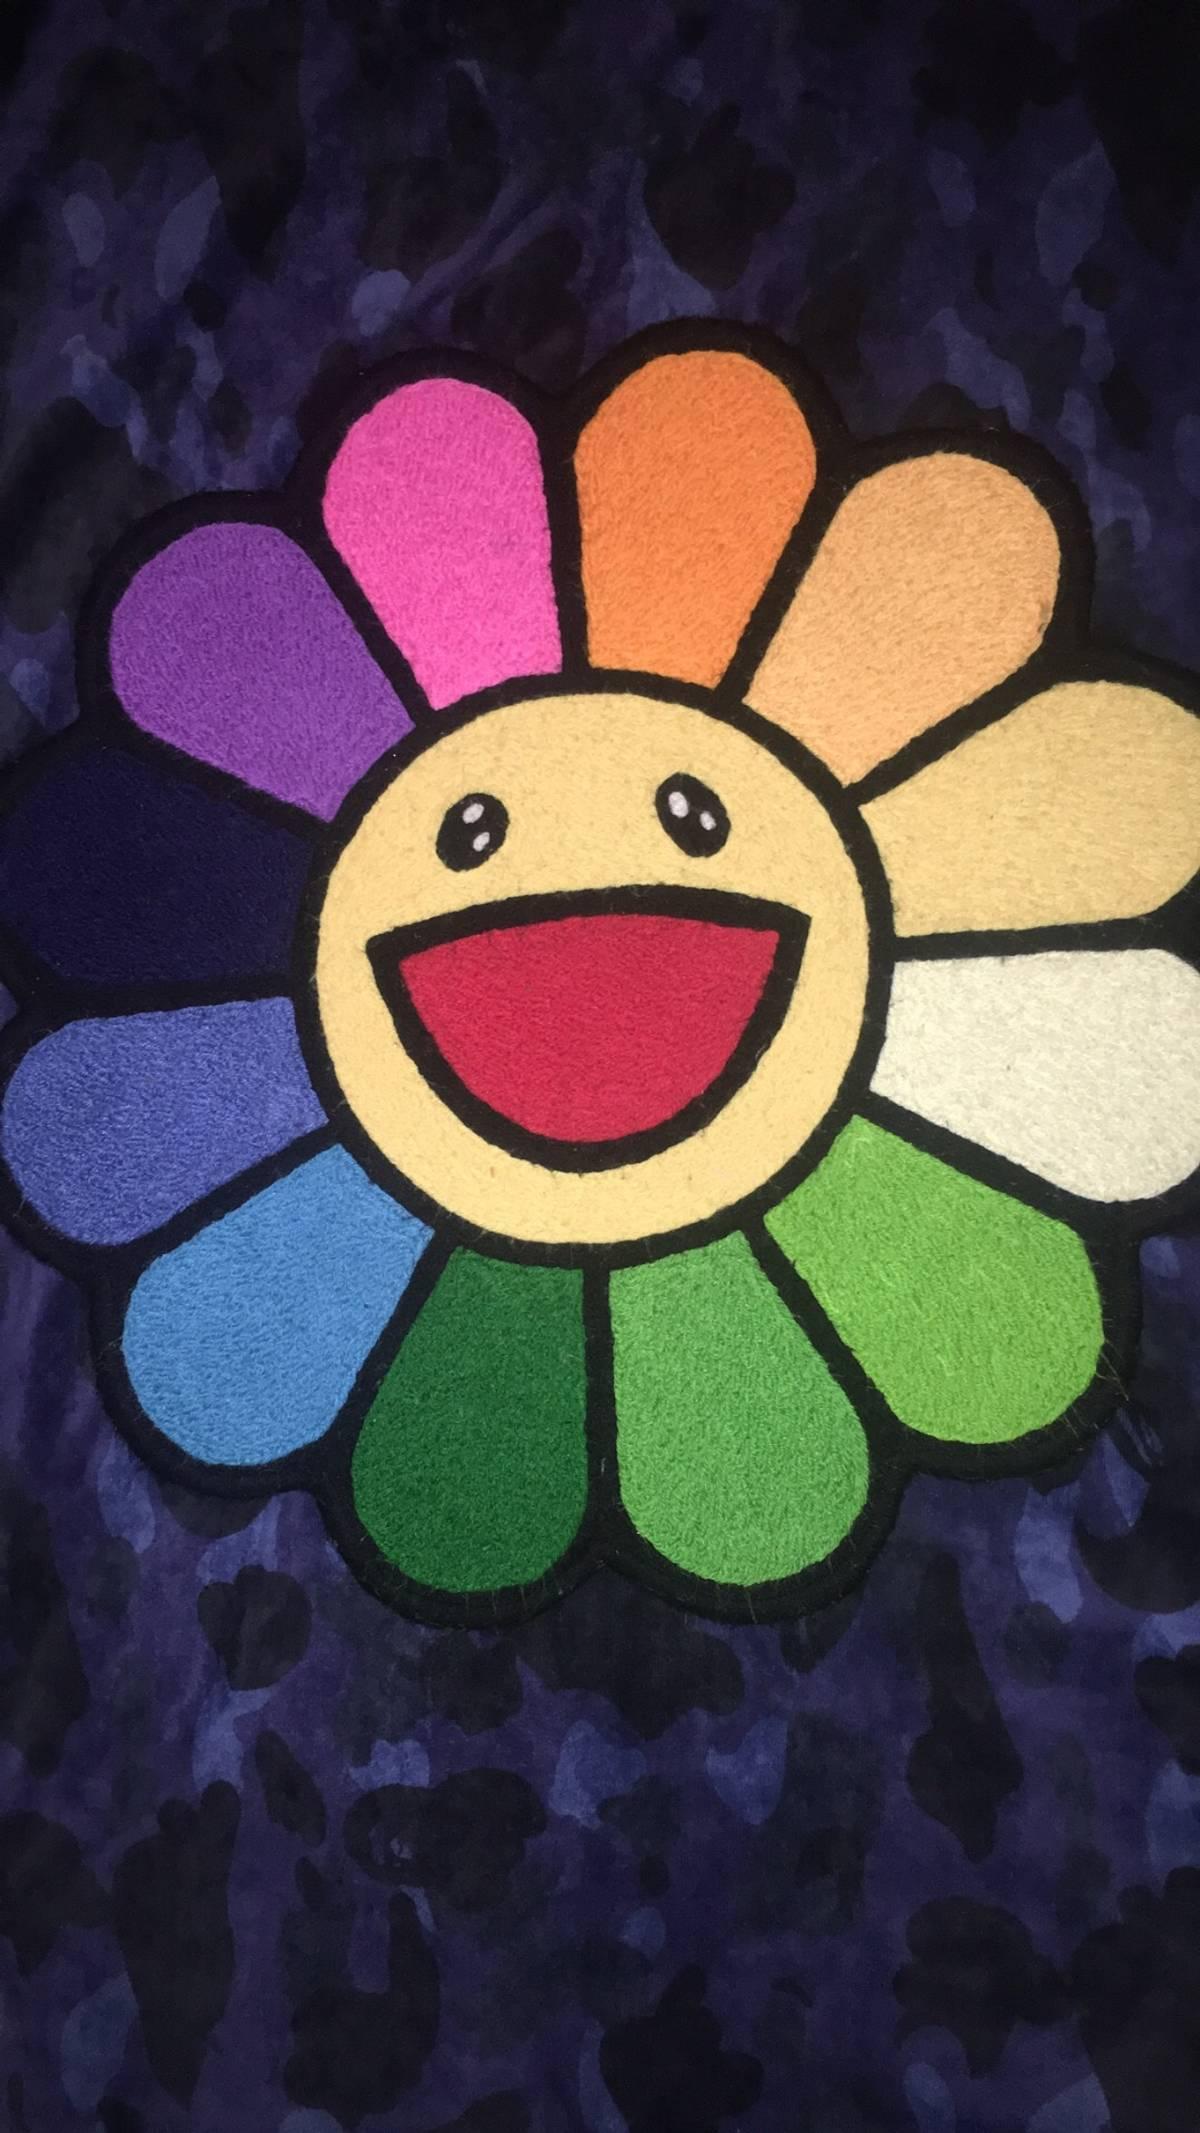 Takashi Murakami Only 1 Online Murakami Flower Rug Carpet Mat Kaikai Kiki Grailed